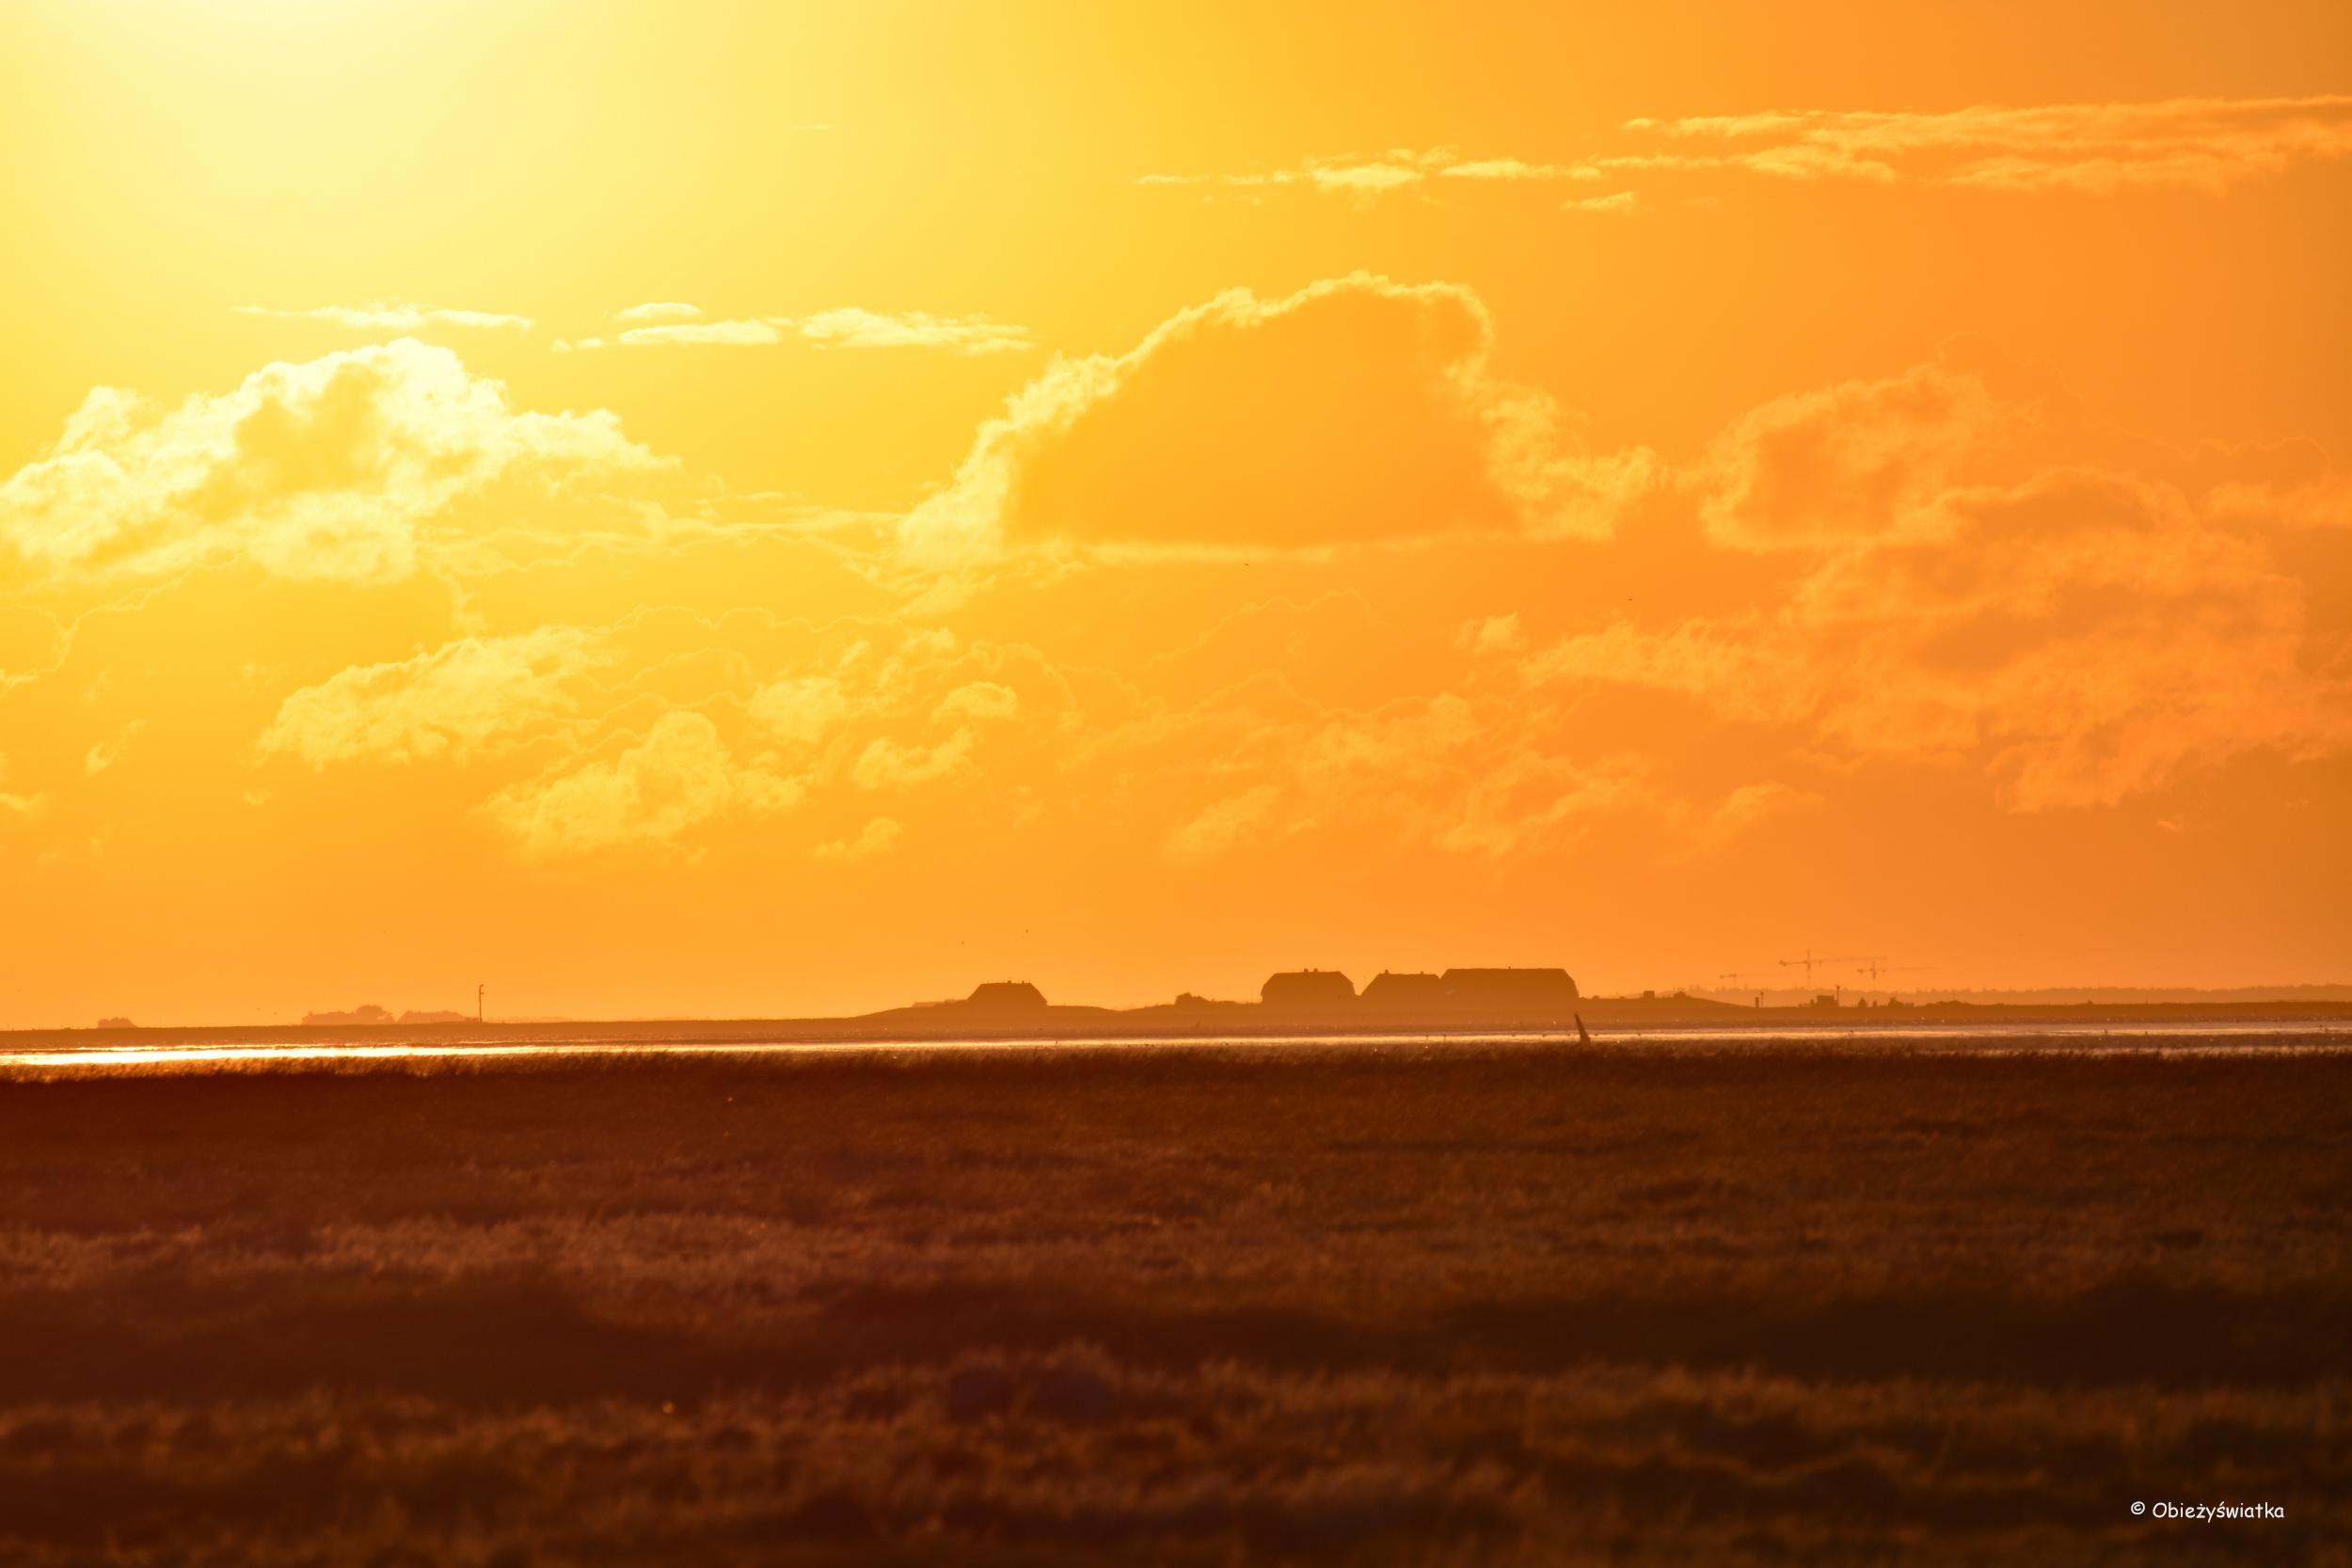 Halligen i Morze Północne o zachodzie słońca